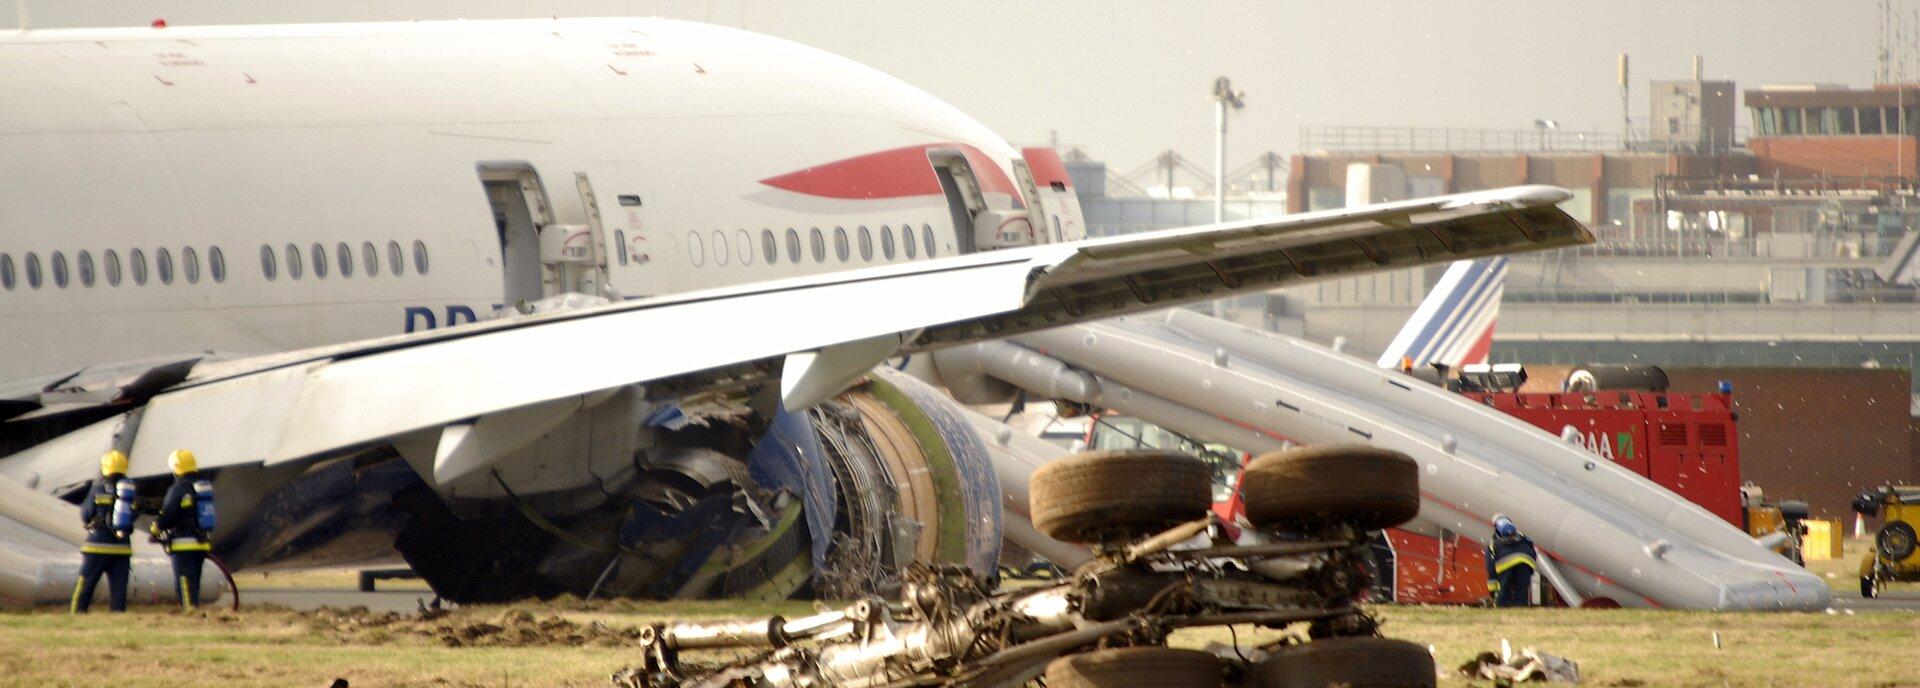 Kolorowe zdjęcie przedstawiające katastrofę samolotu pasażerskiego. Na pierwszym planie widoczne są oderwane koła podwozia, strzaskane silniki samolotu, stojący na ziemi biały kadłub samolotu. Do przedniego wyjścia zsamolotu podłączona jest dmuchana zjeżdżalnia awaryjna. Drugie wyjście awaryjne, środkowe, też jest otwarte. Po lewej stronie rozbitego samolotu stoi dwóch strażaków, po prawej – przy zjeżdżalni – pochyla się trzeci strażak. Wgłębi zdjęcia budynki lotniska.